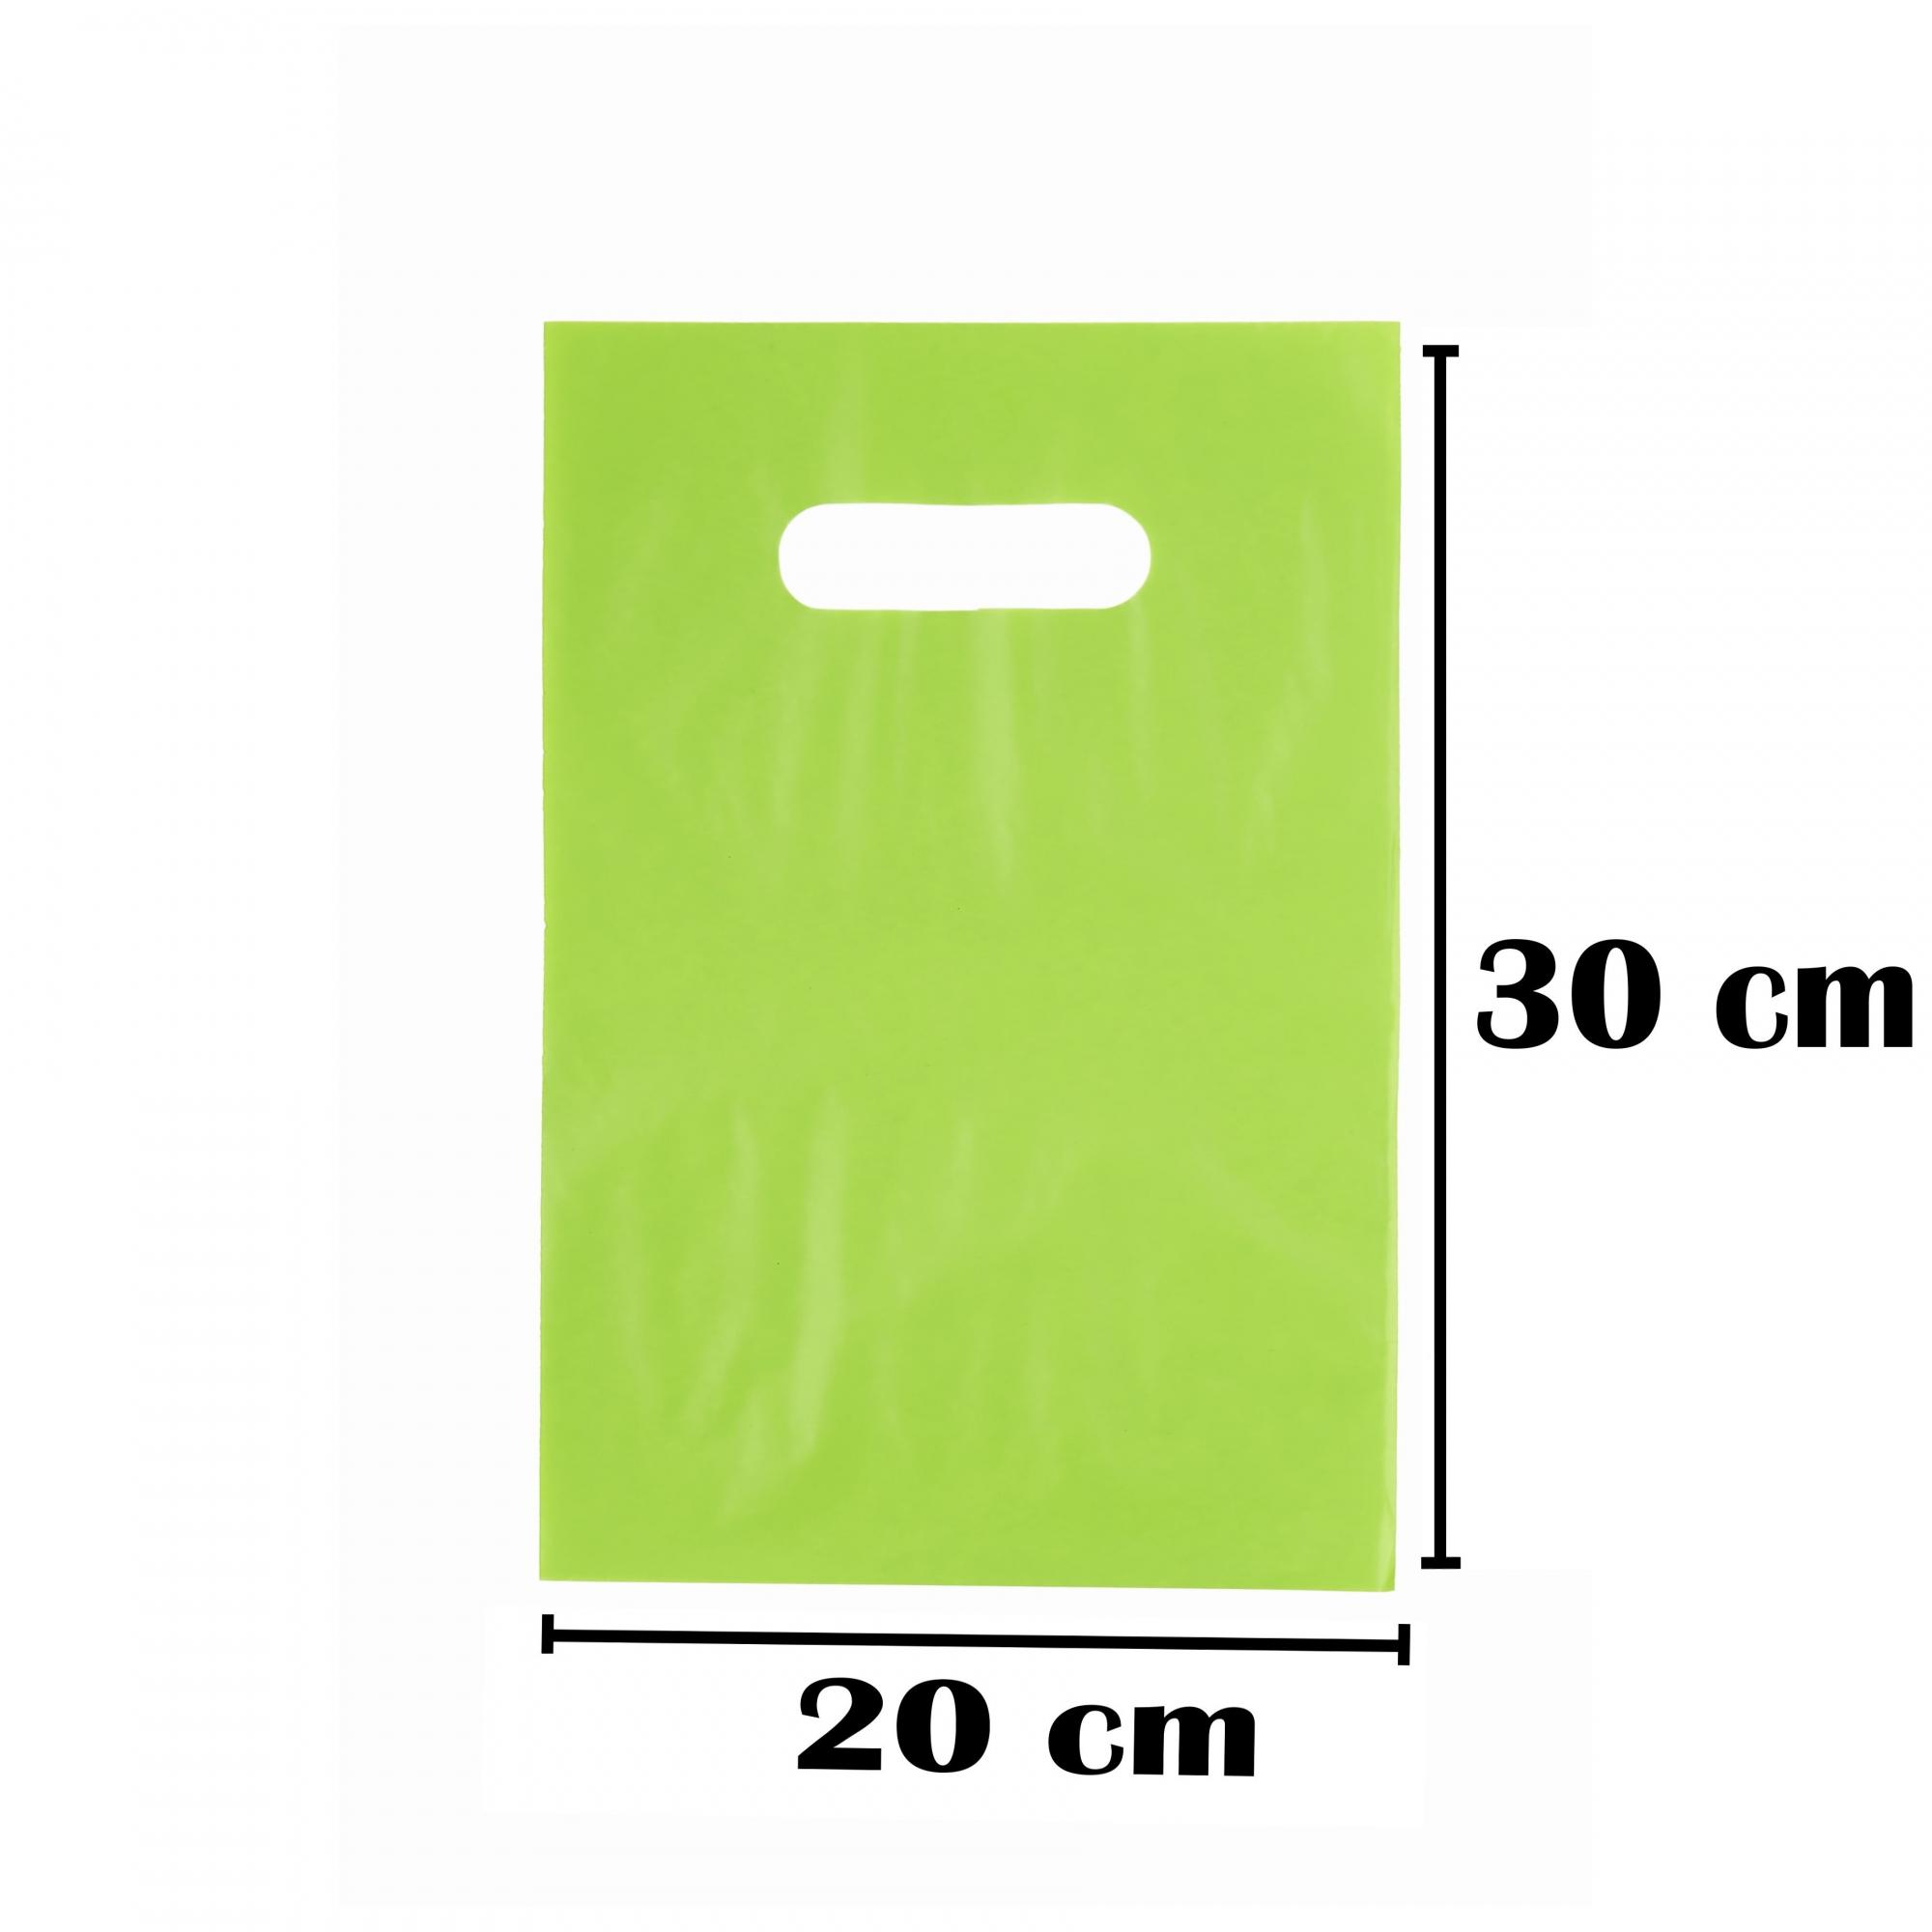 Sacola Plástica 20x30 Verde Alça Boca de Palhaço 250 Unidades